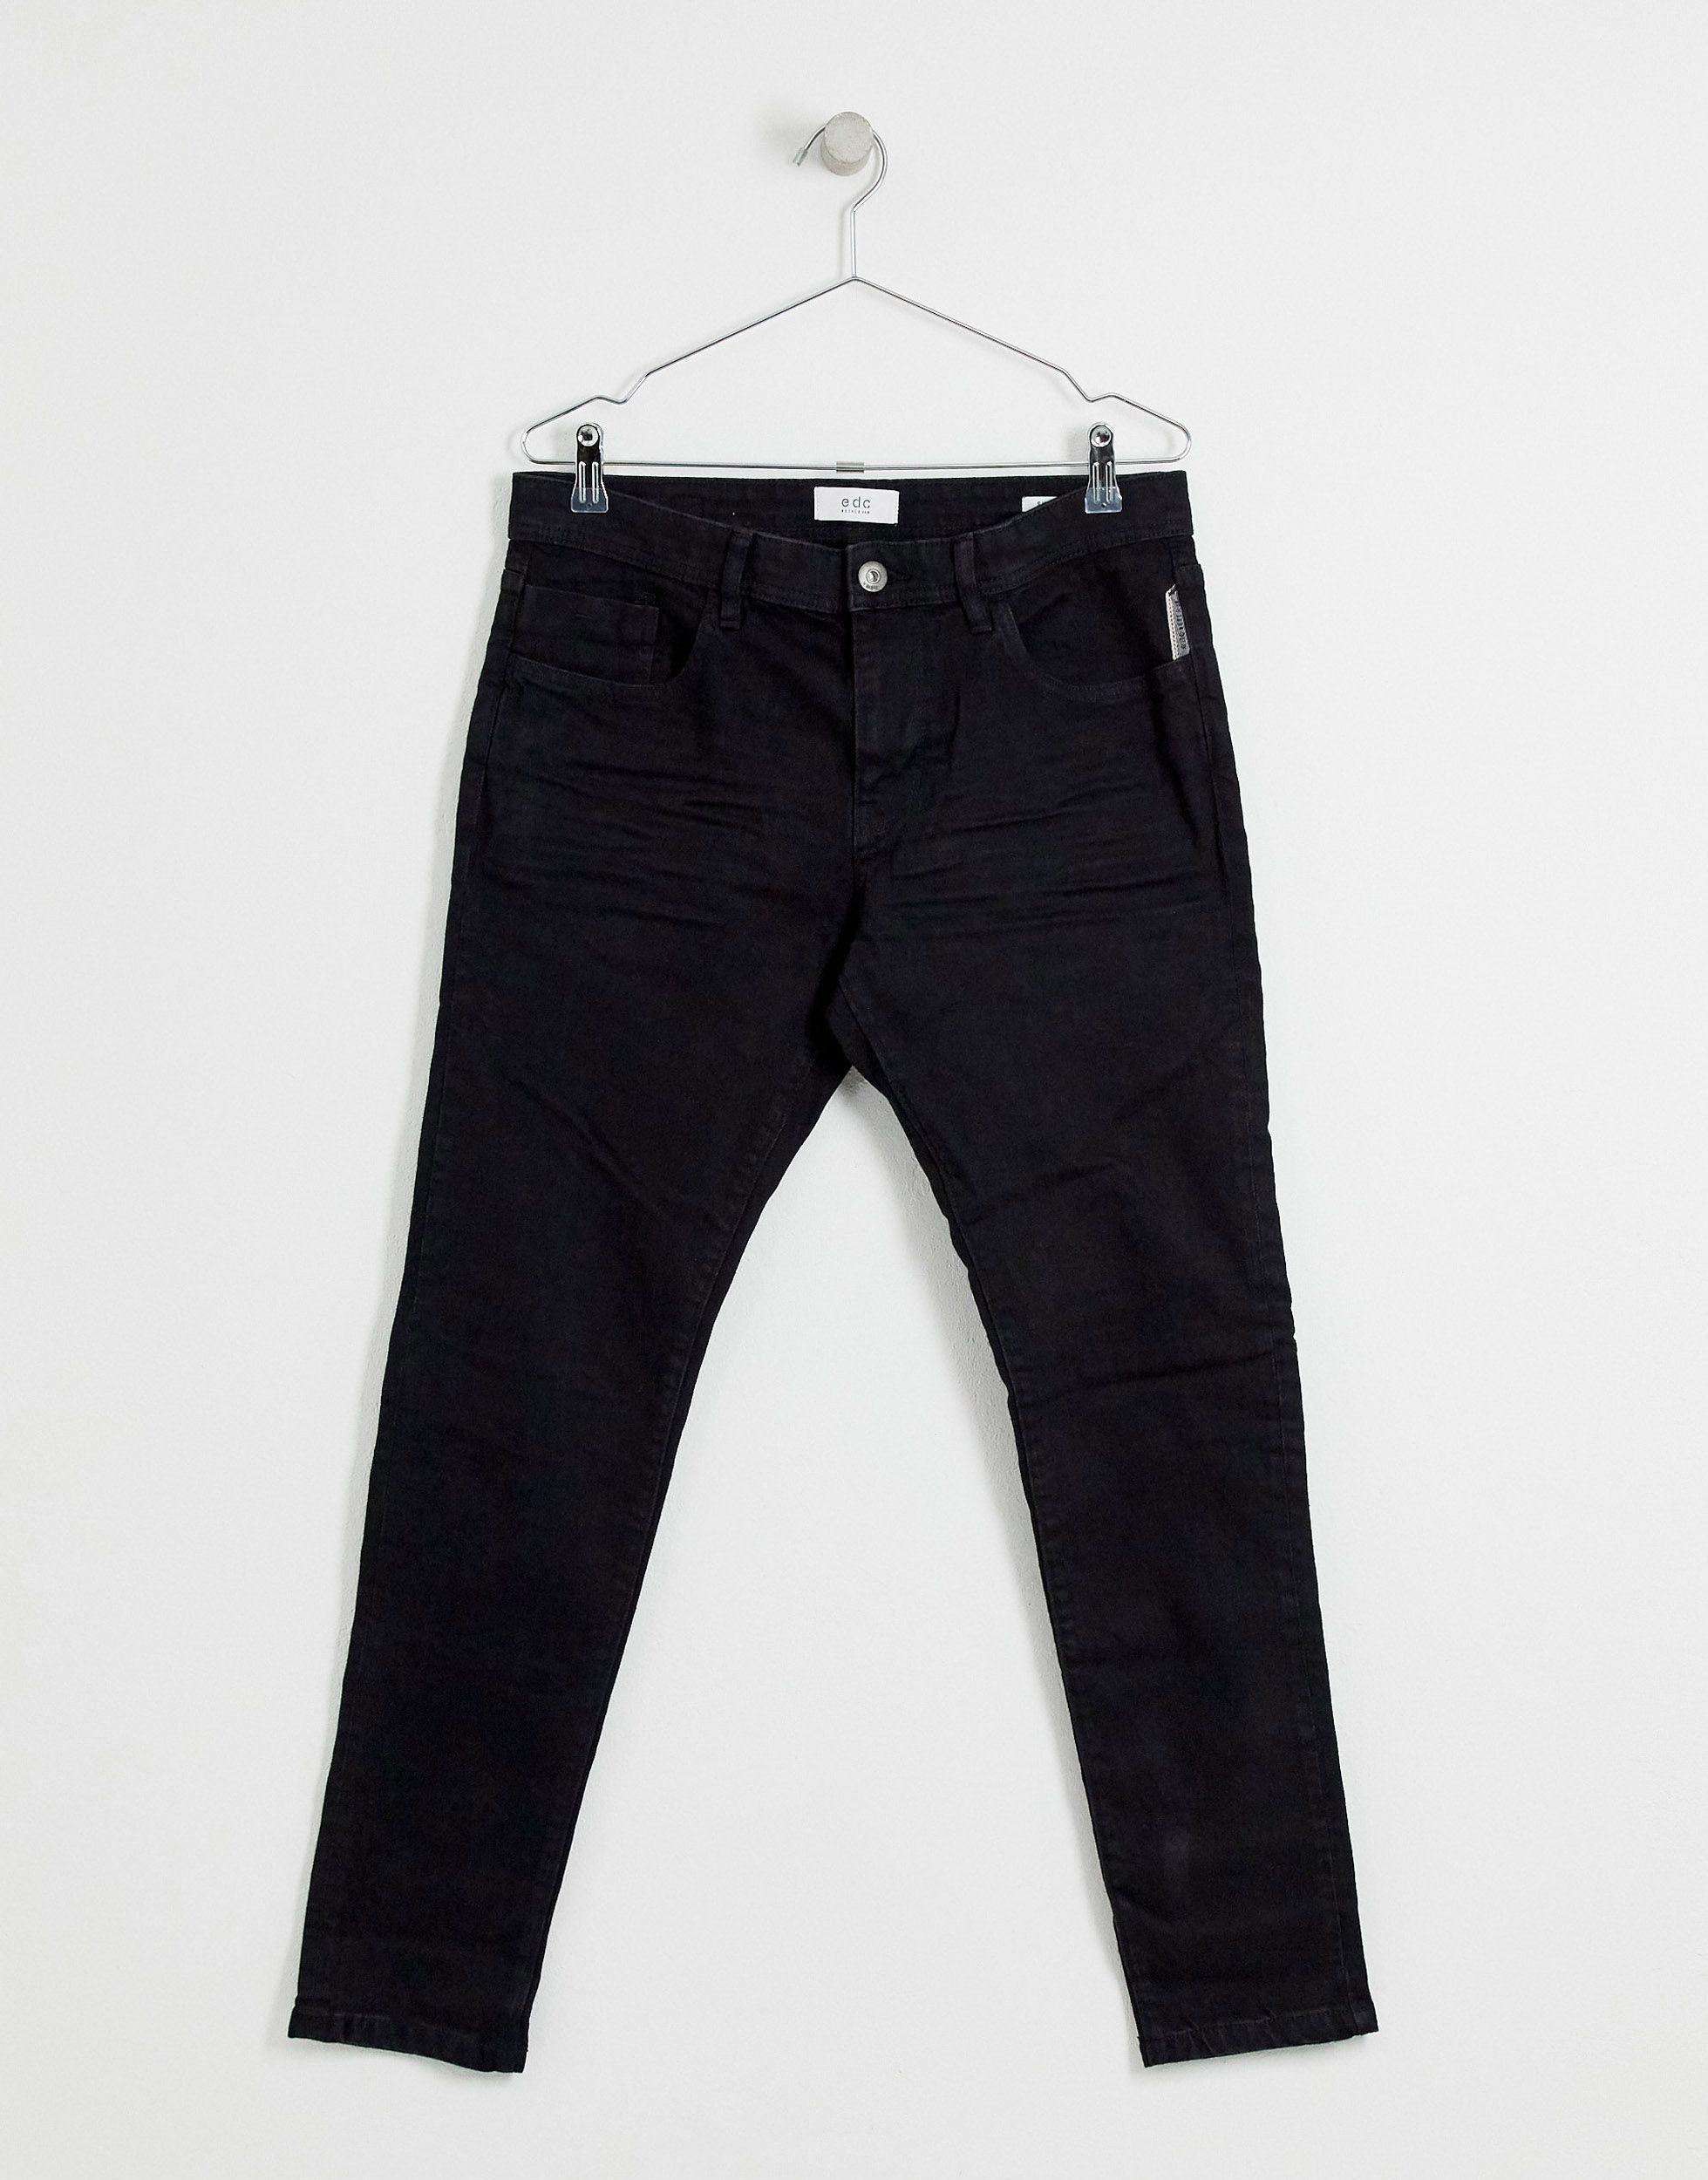 Esprit Denim Skinny-fit Jeans in het Zwart voor heren